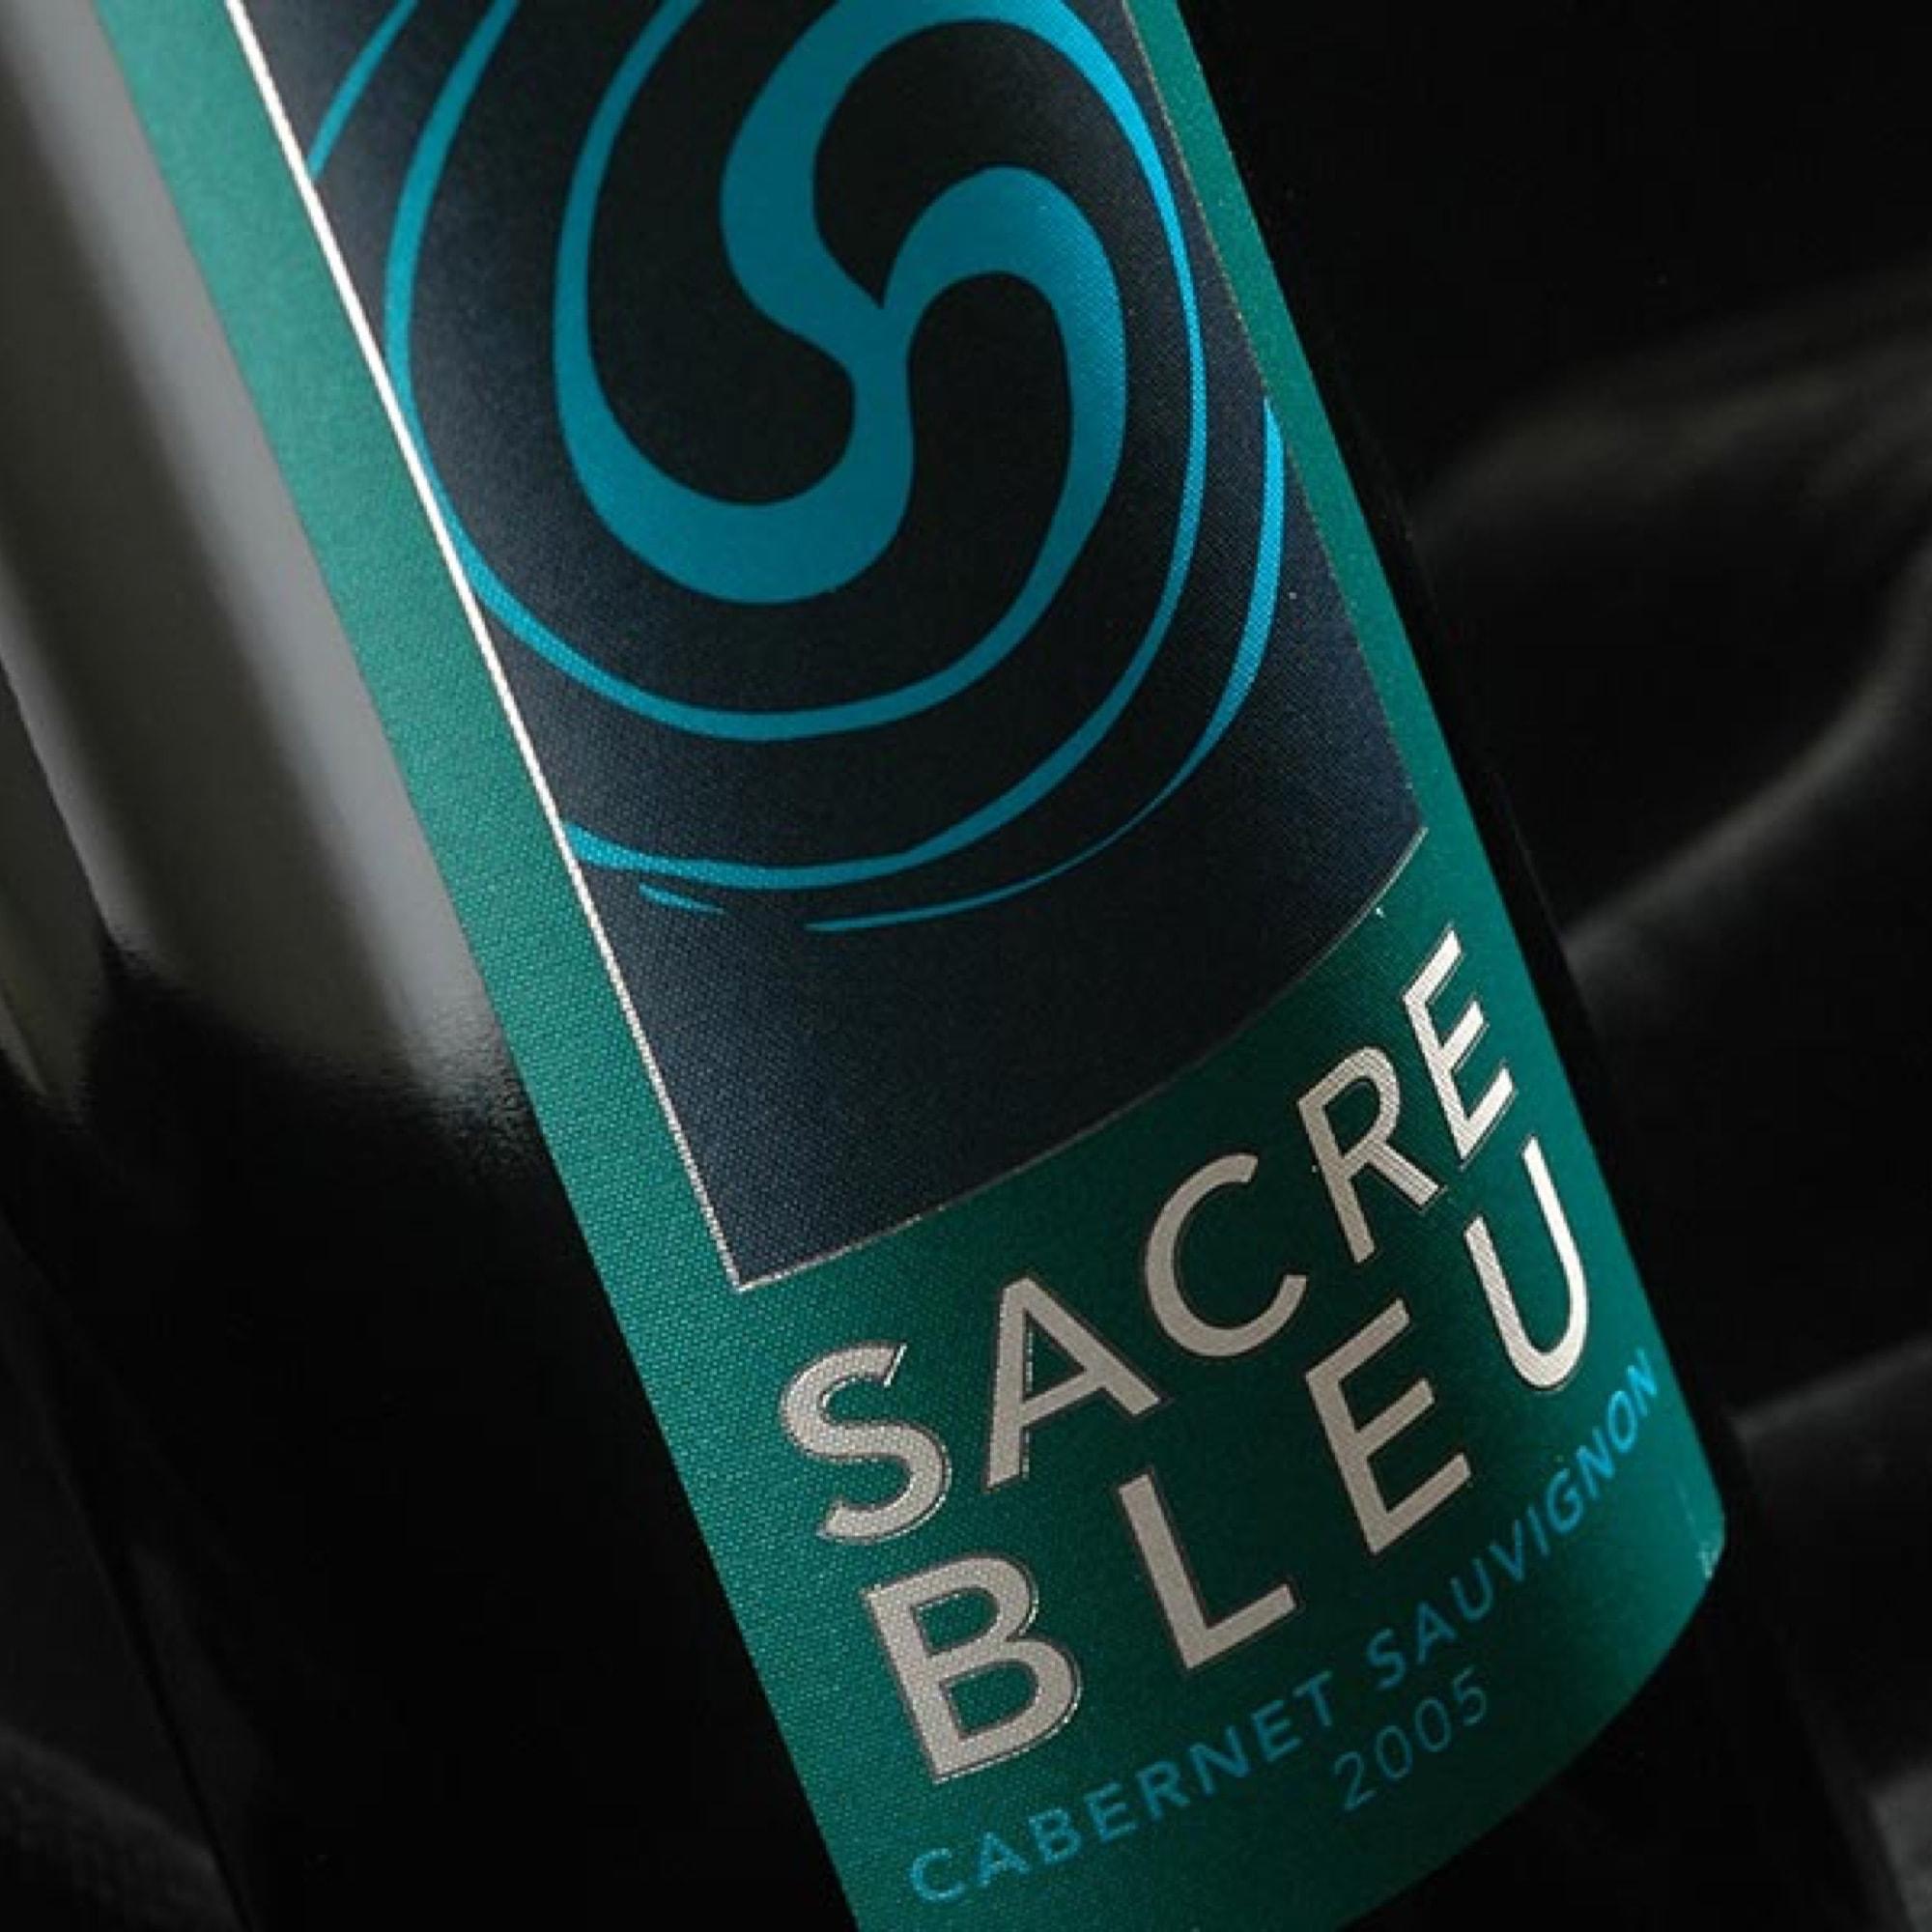 Sacre Bleu Bottle 2000×2000